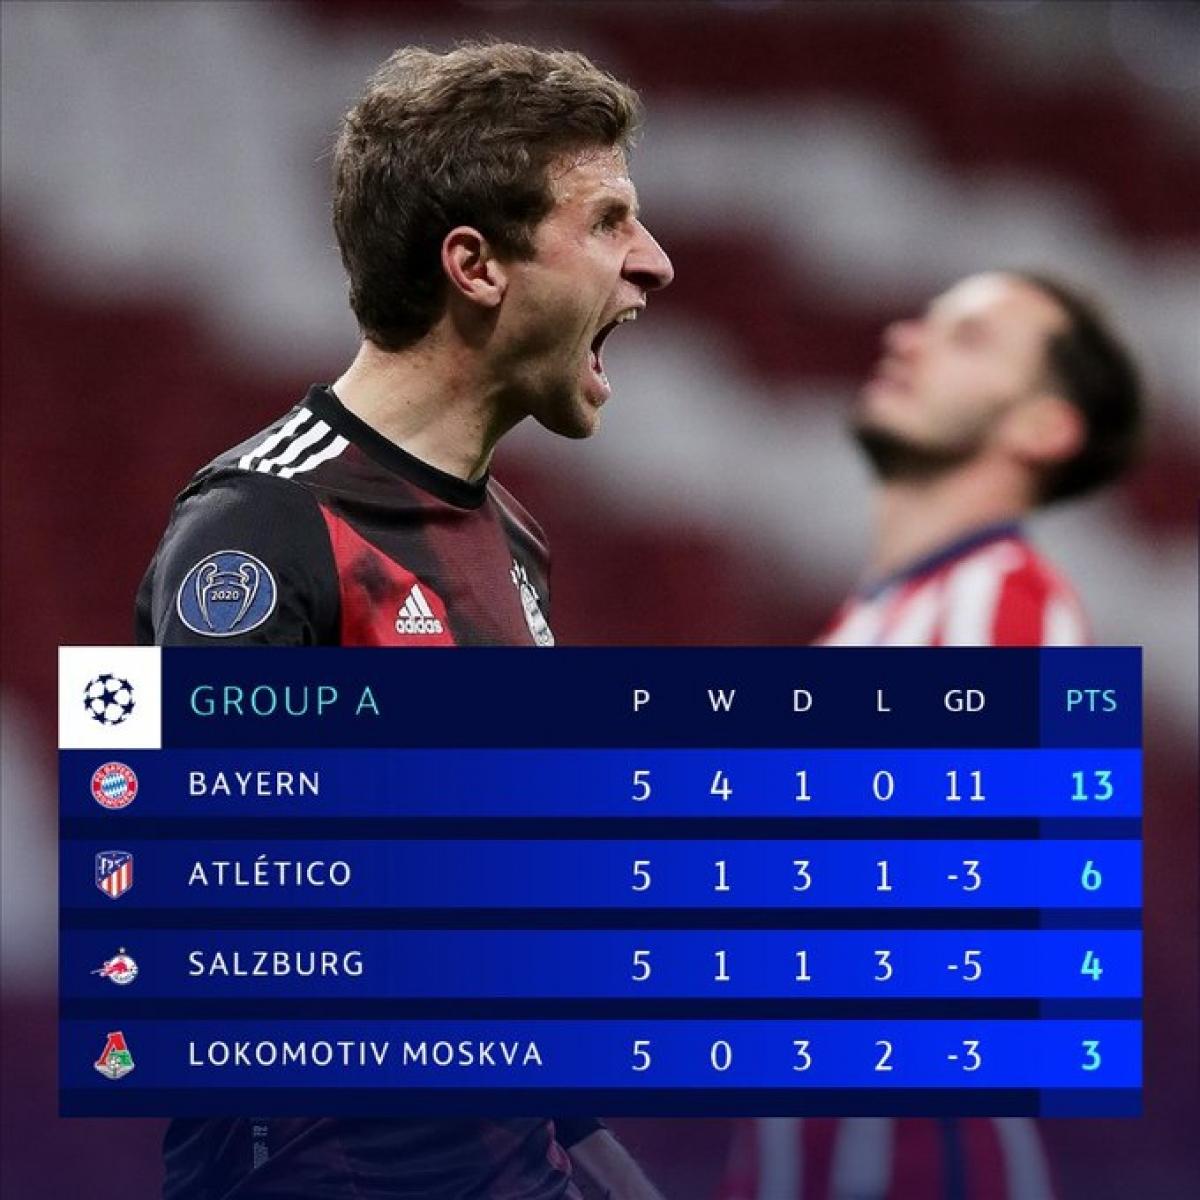 Bayern vào vòng 1/8 Champions League 2020/2021 với ngôi đầu bảng A.